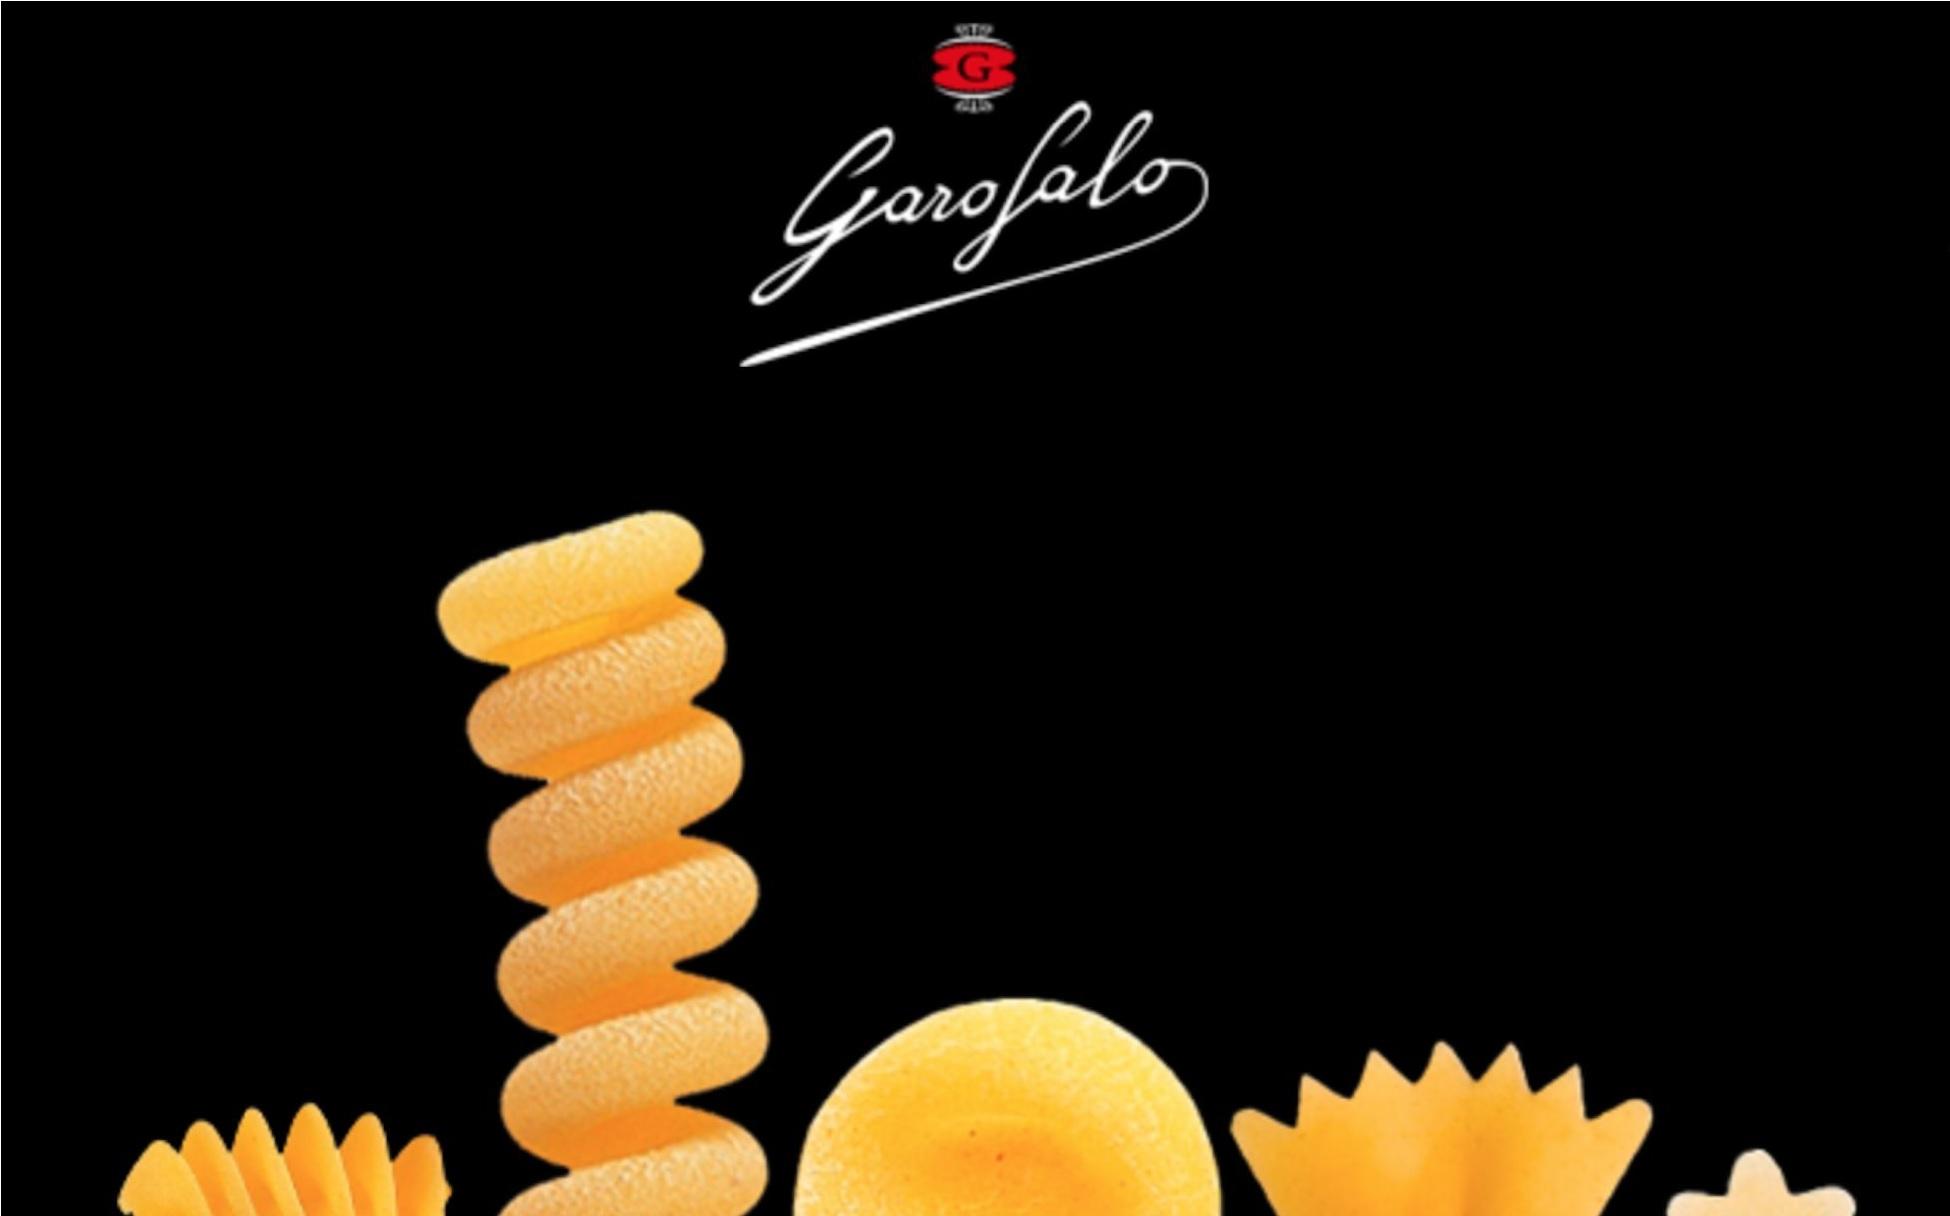 К предстоящему этой осенью выходу 30-го сезона The Simpsons, итальянский бренд пасты Garofalo запустил такую клёвую рекламу.